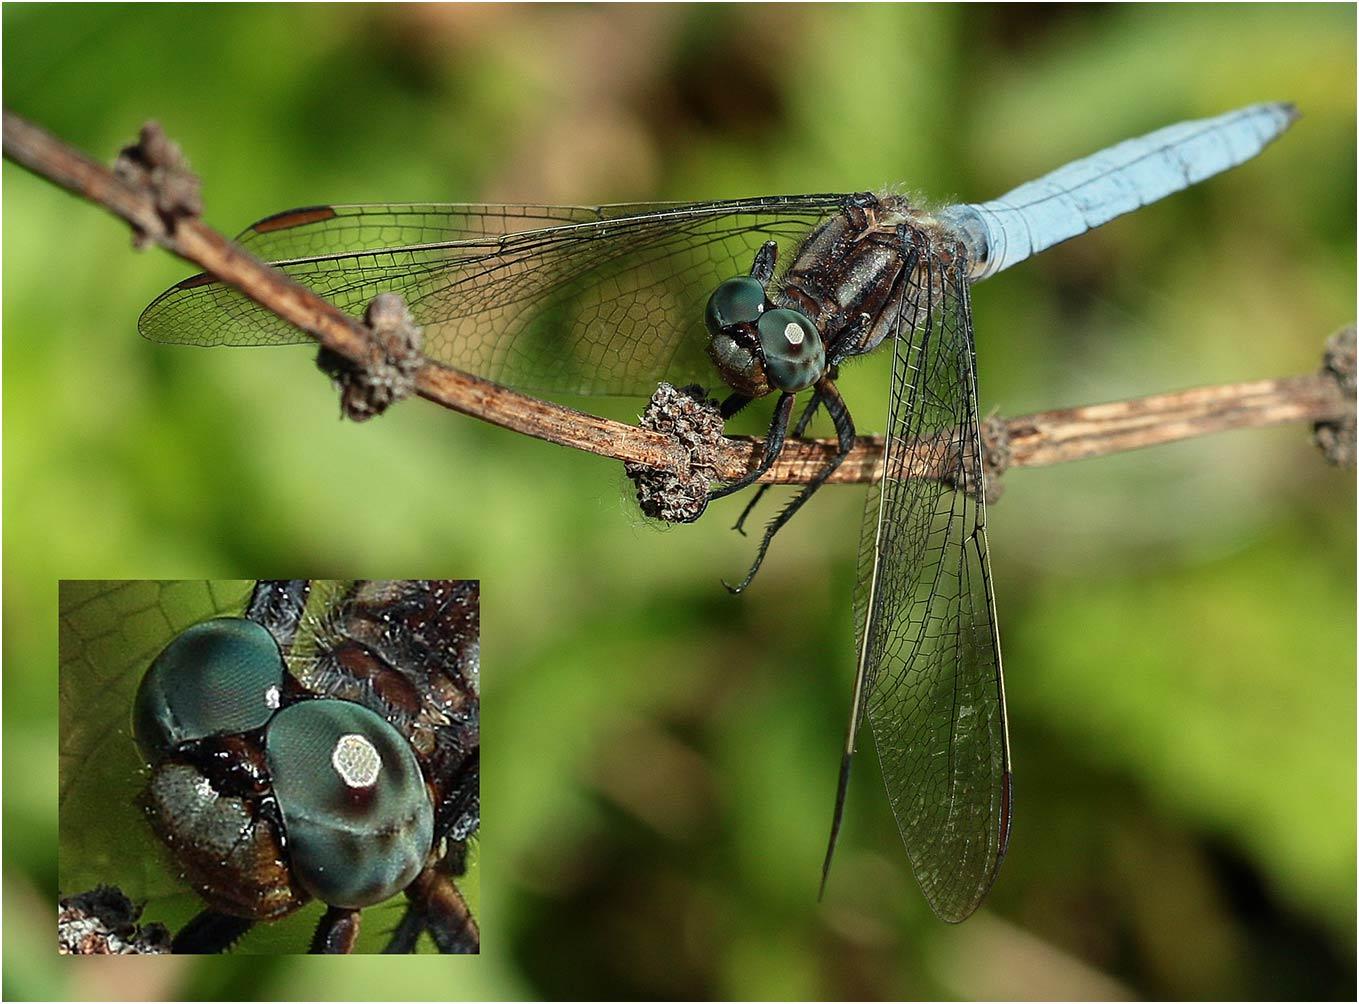 Orthetrum coerulescens mâle au front vert, Saint-Martin-lès-Melle (France -79), 15/07/2019